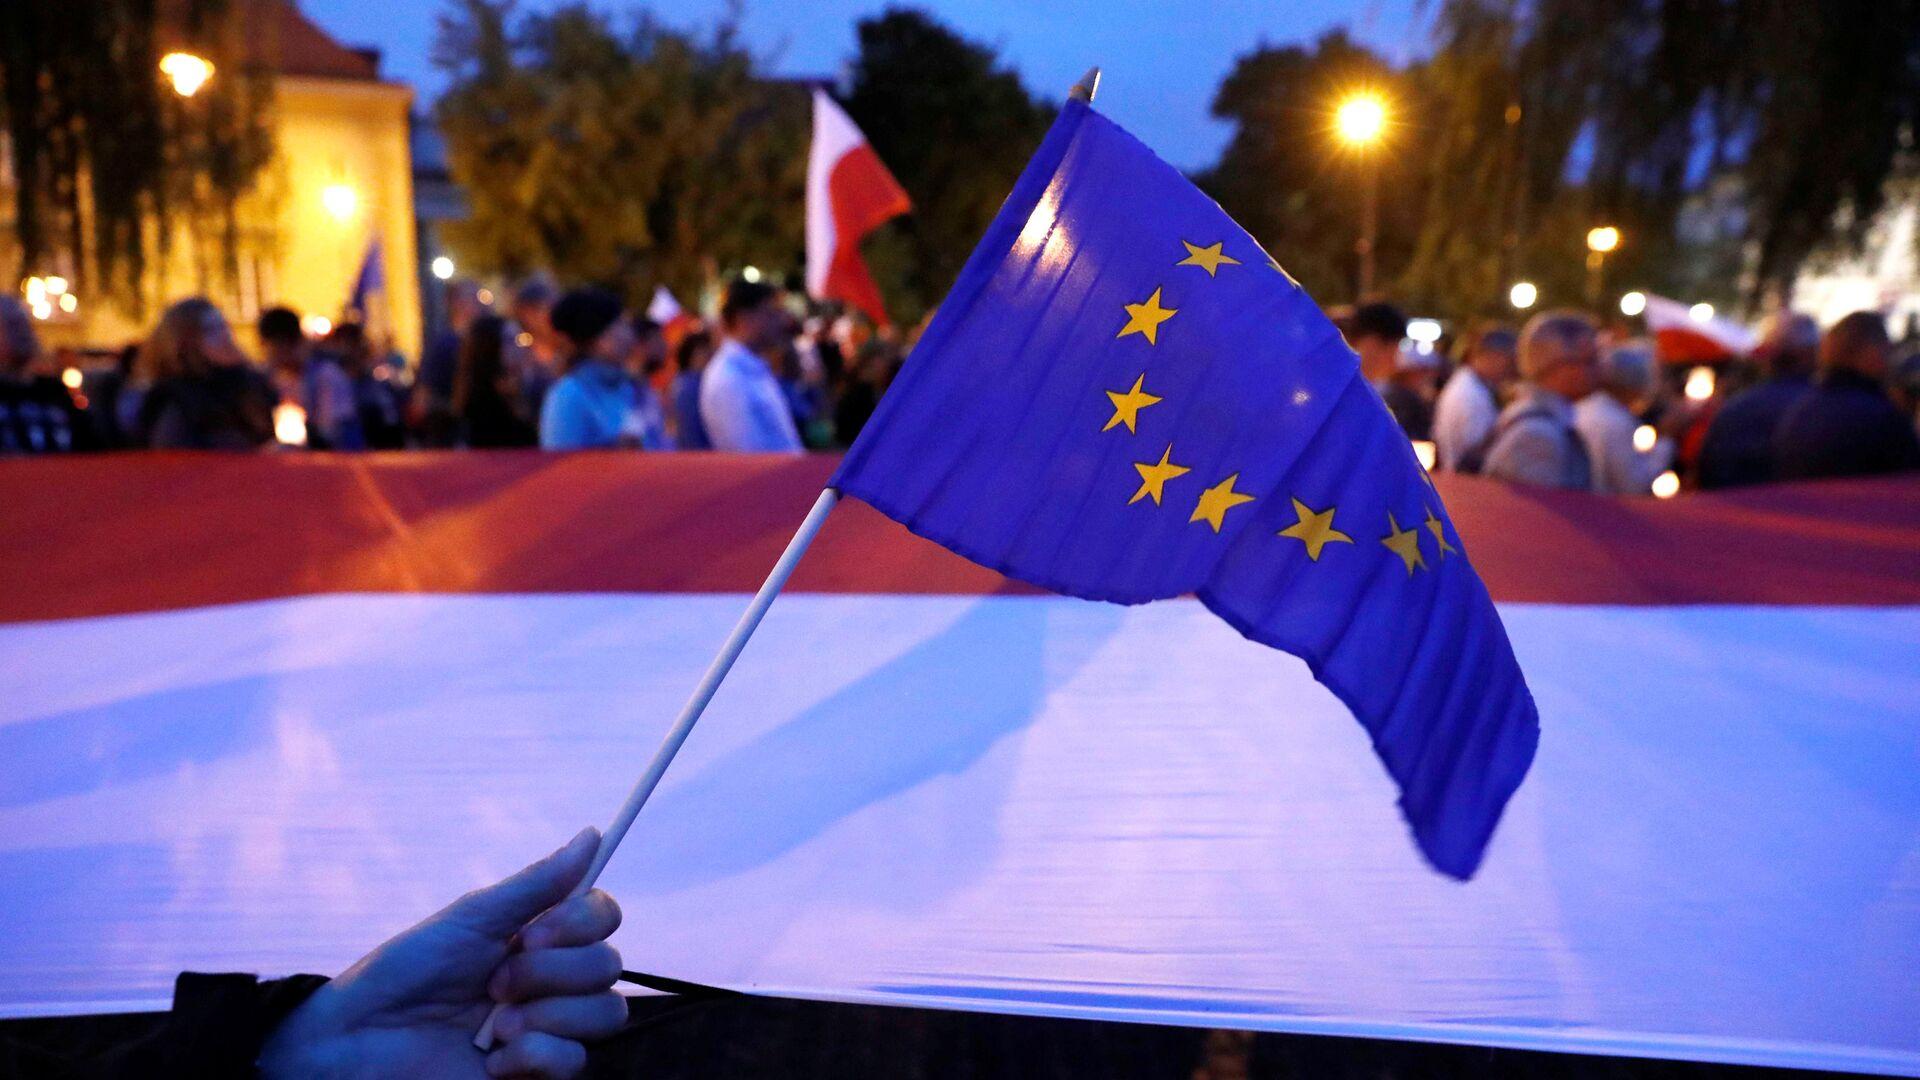 Las banderas de la UE y Polonia - Sputnik Mundo, 1920, 06.08.2021